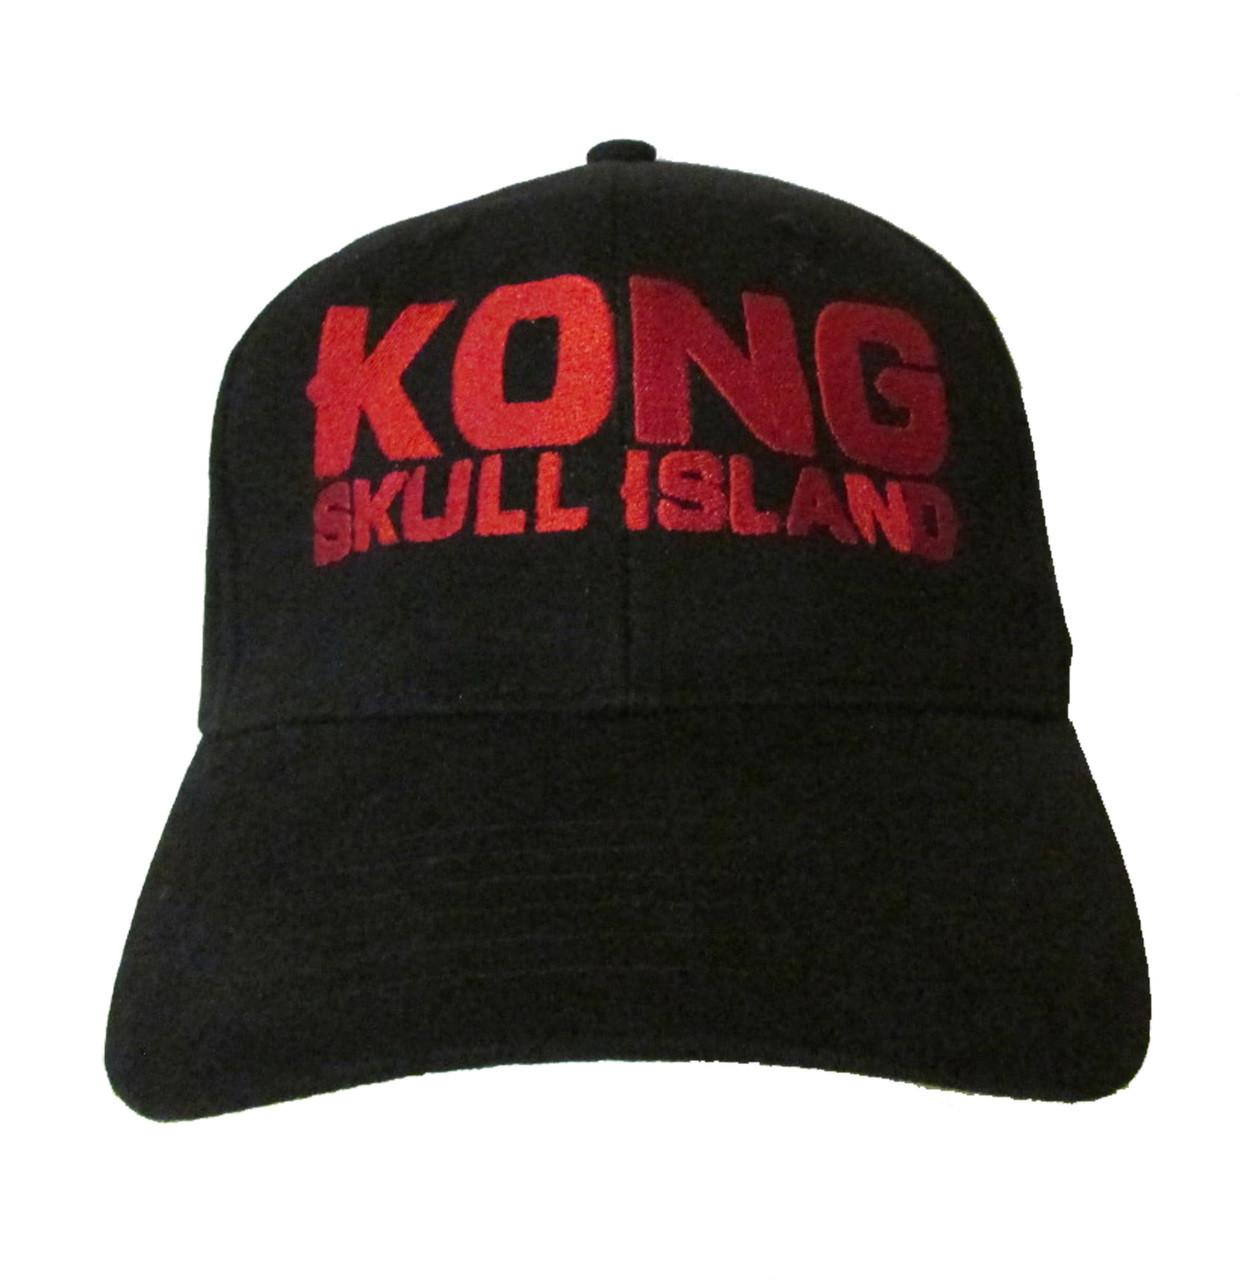 Kong Skull Island Logo Embroidered Baseball Hat - Cap - King Kong ... c45fa685311